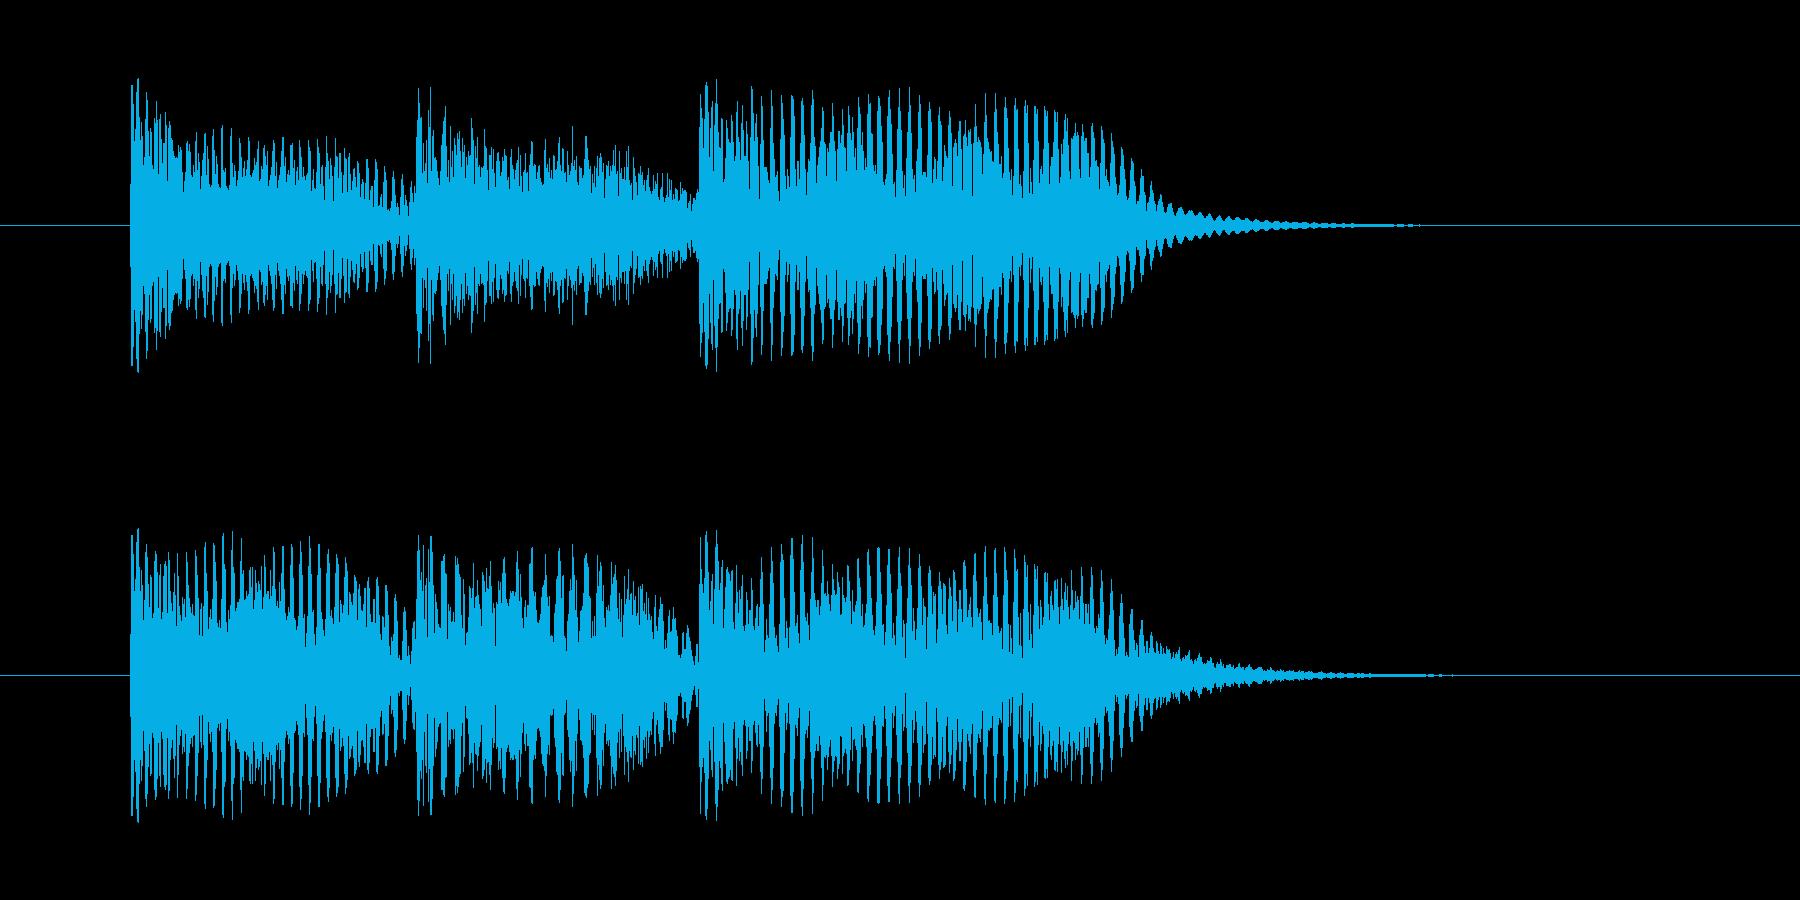 案内放送チャイム(ピーンポーンパーン)の再生済みの波形